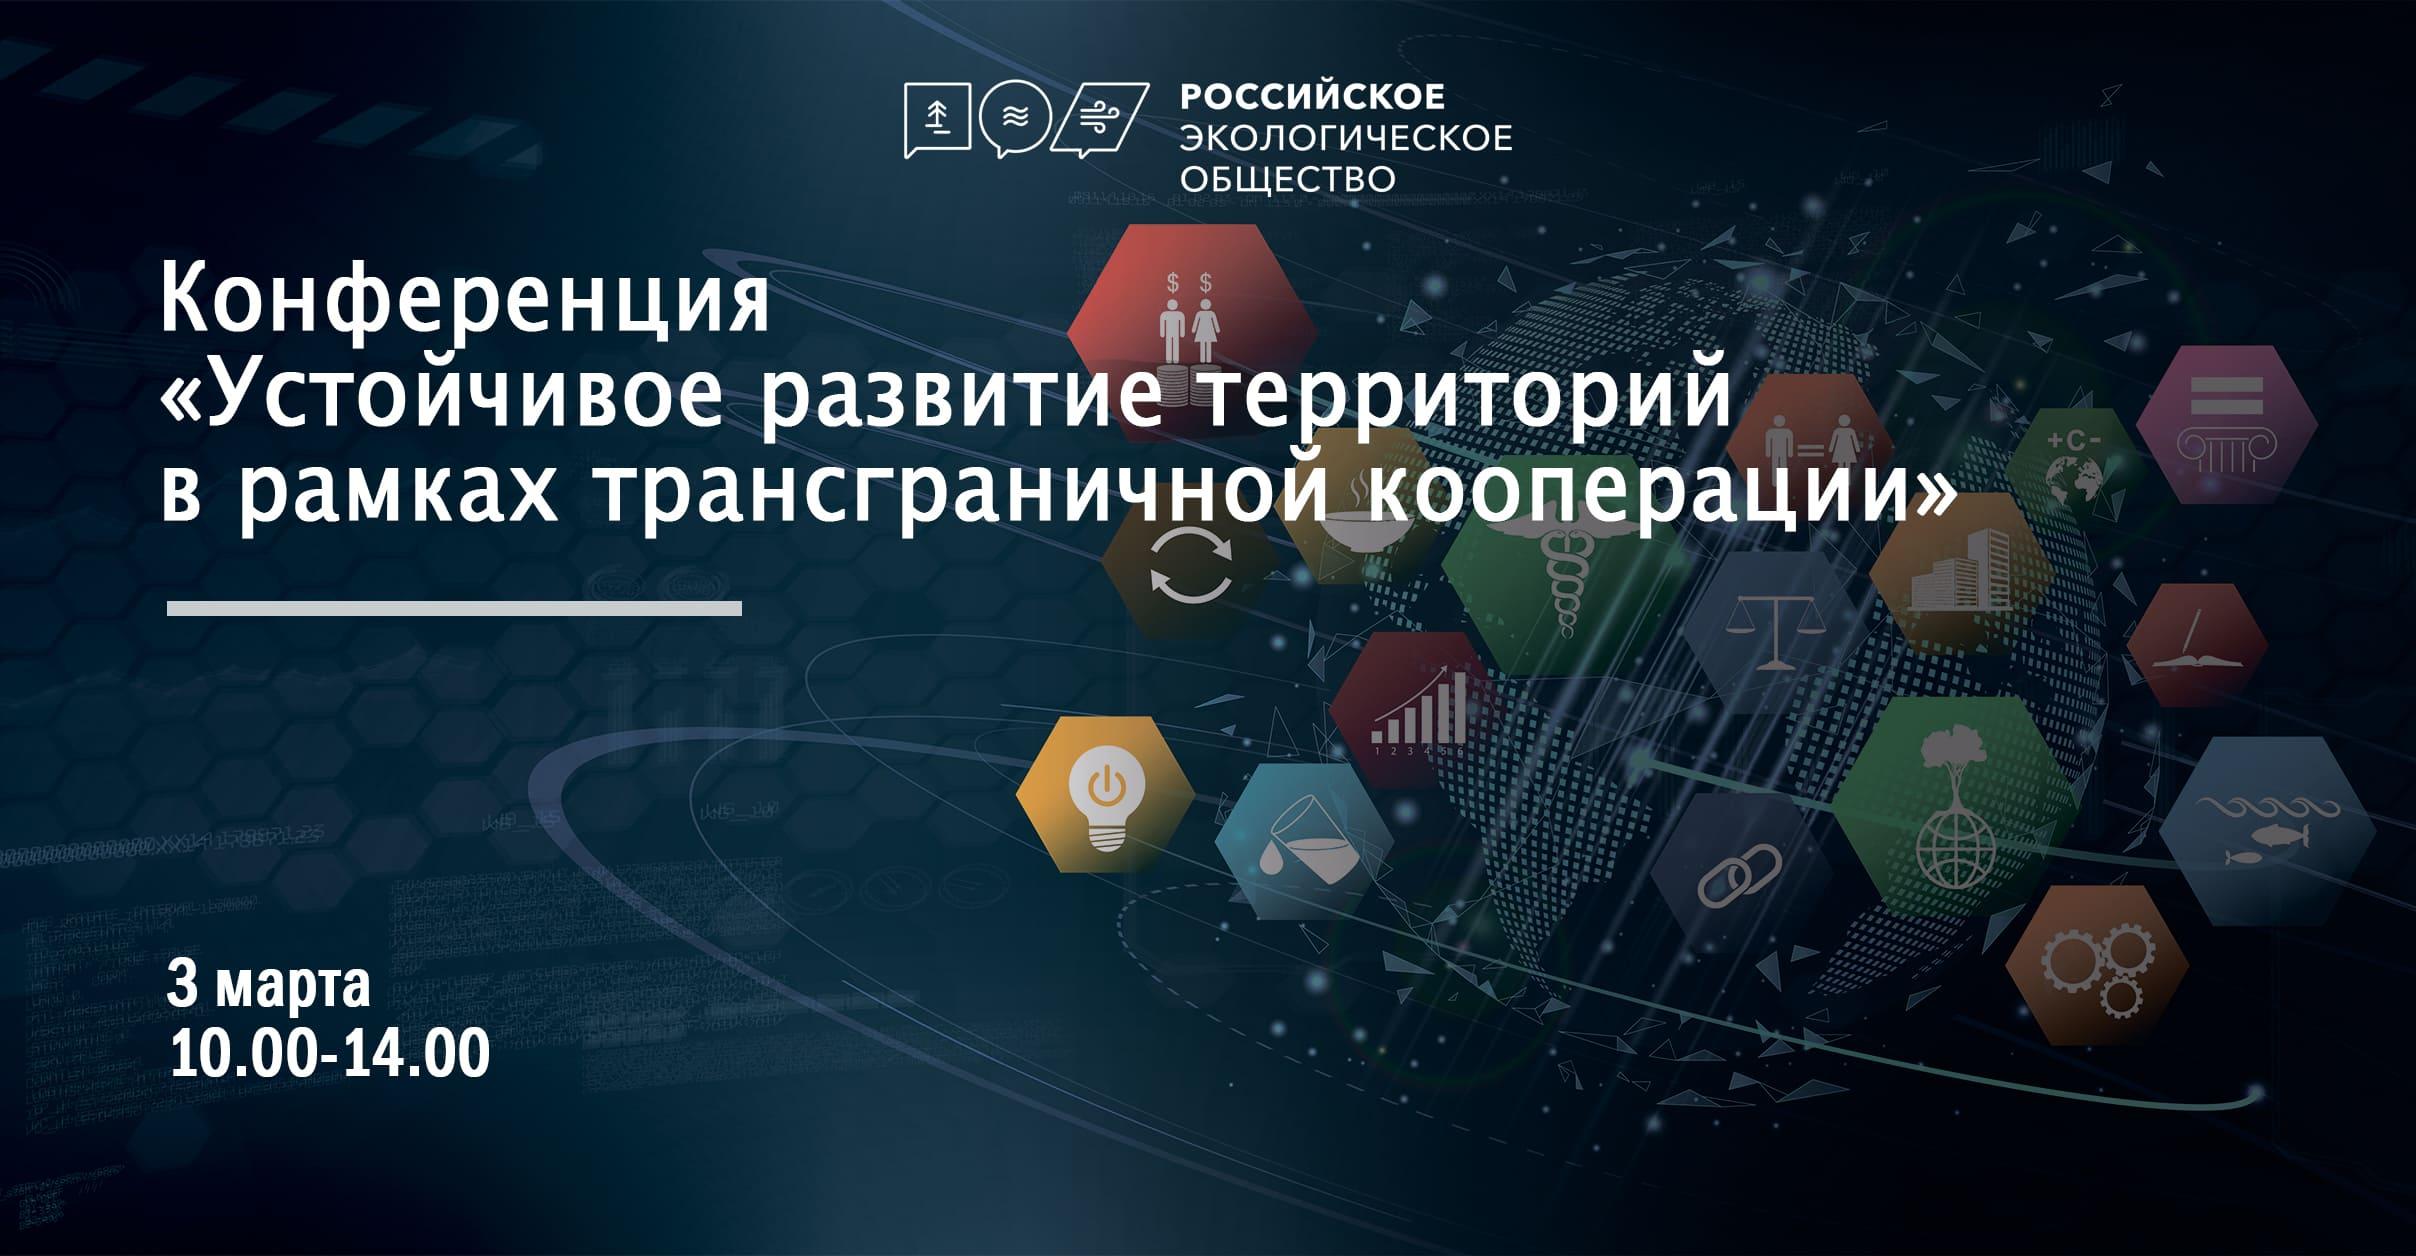 Конференция «Устойчивое развитие территорий в рамках трансграничной кооперации» Российского экологического общества состоится в Пскове